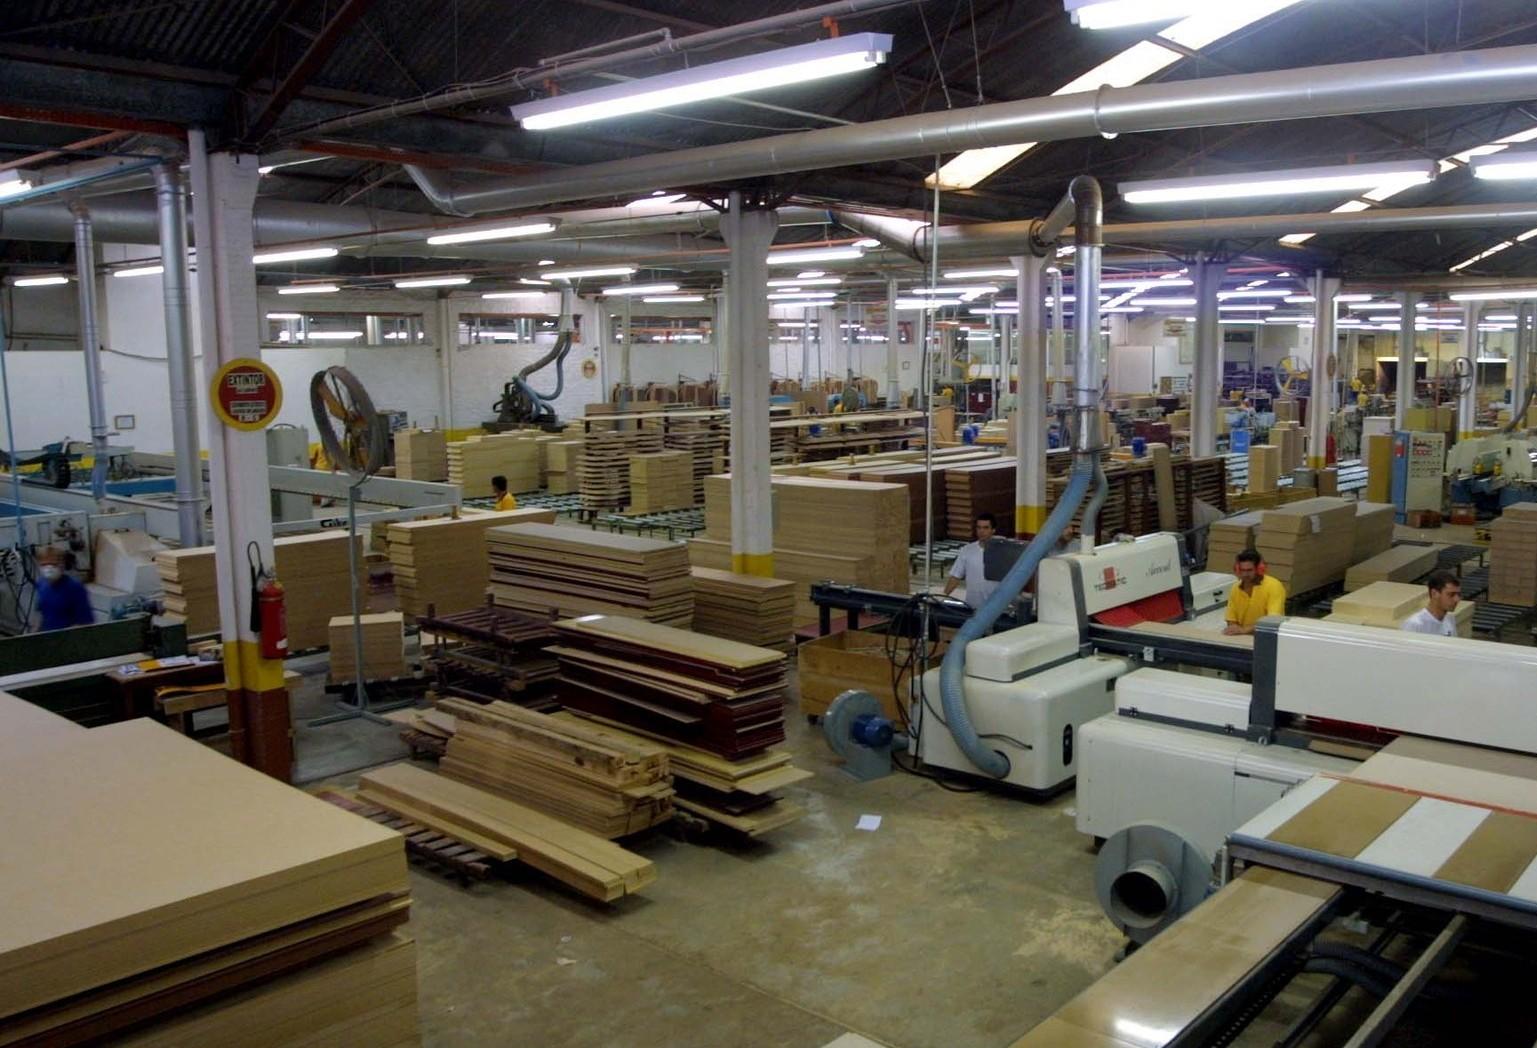 Indústria se recupera lentamente, com desempenho abaixo da expectativa